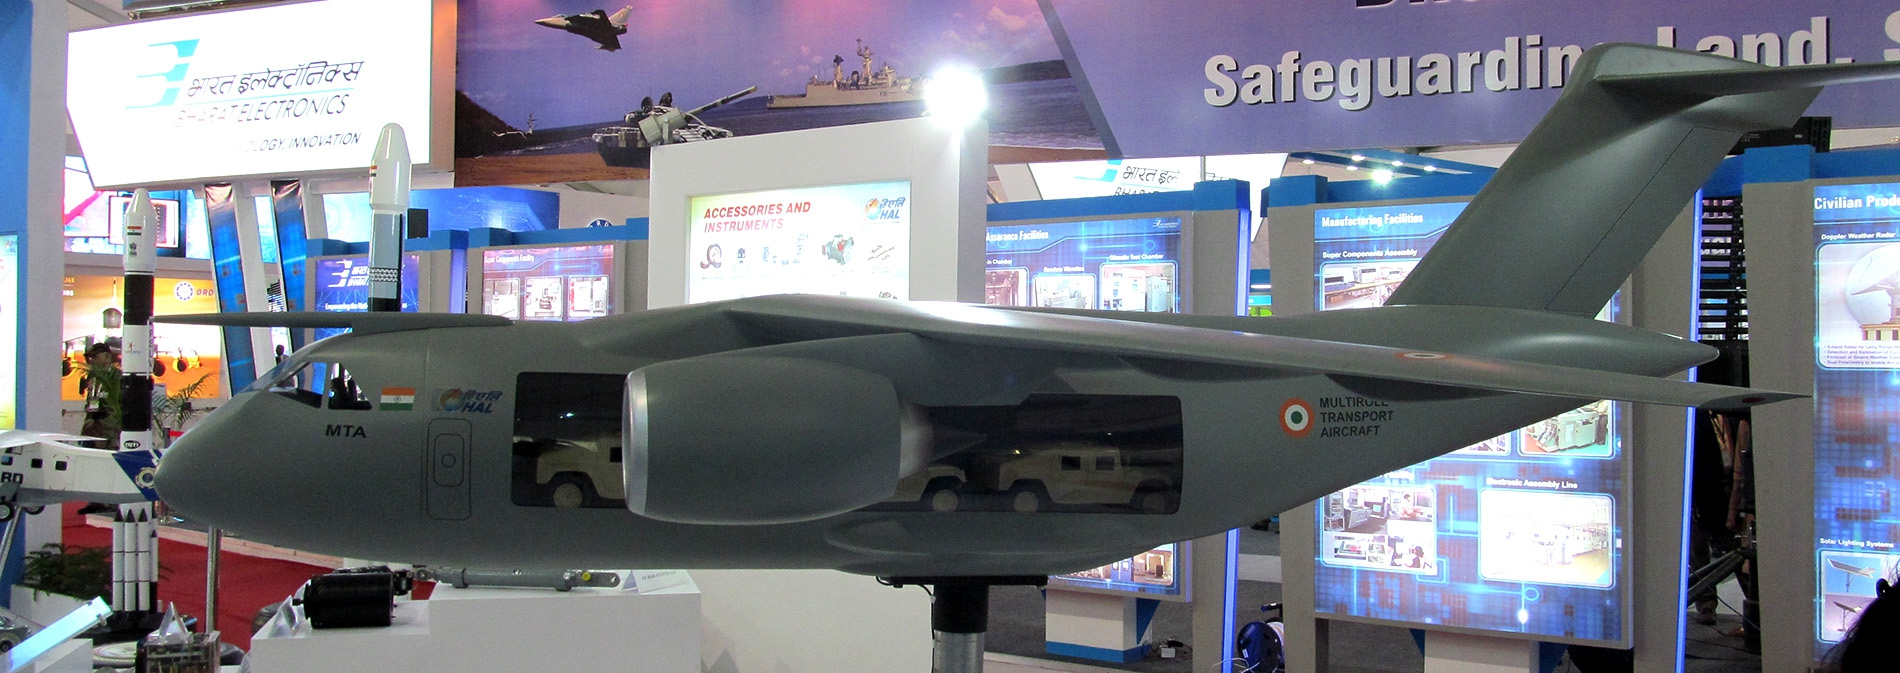 Макет самолета, сделанного в Индии